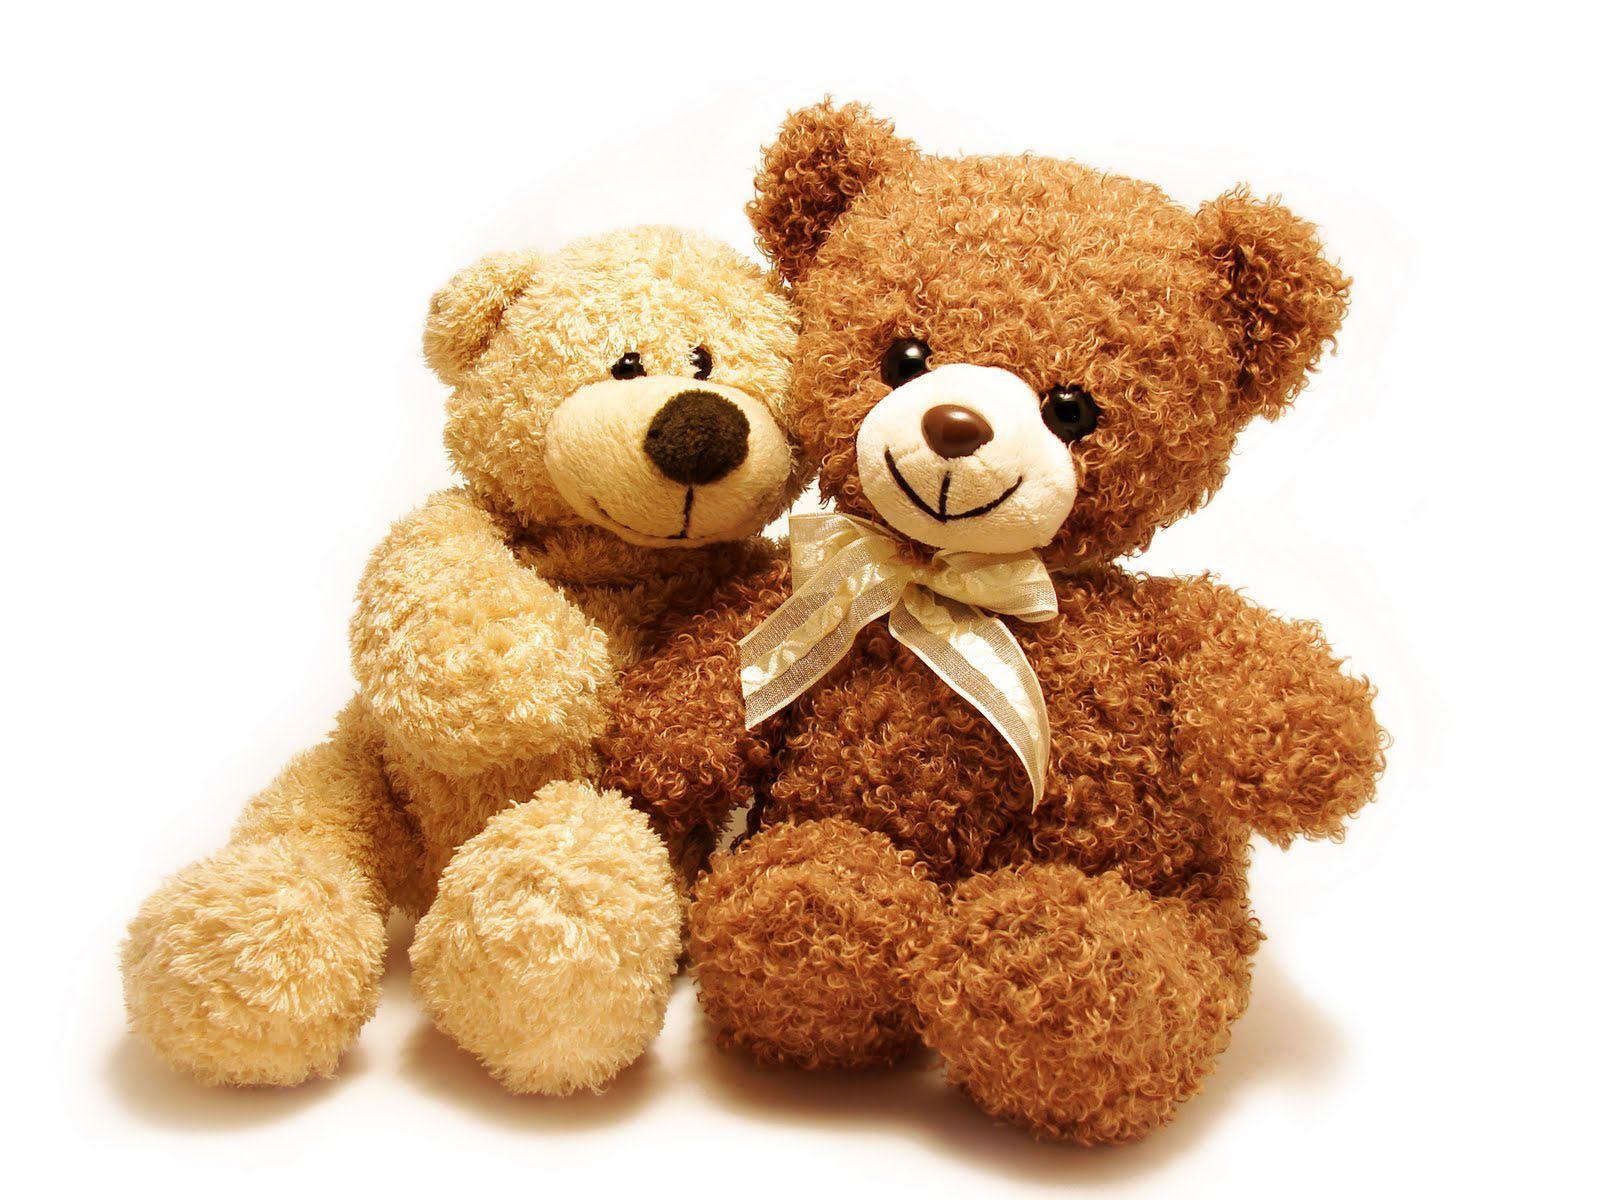 cute teddy bear wallpaper (1600x1200 pixel) popular hd wallpaper